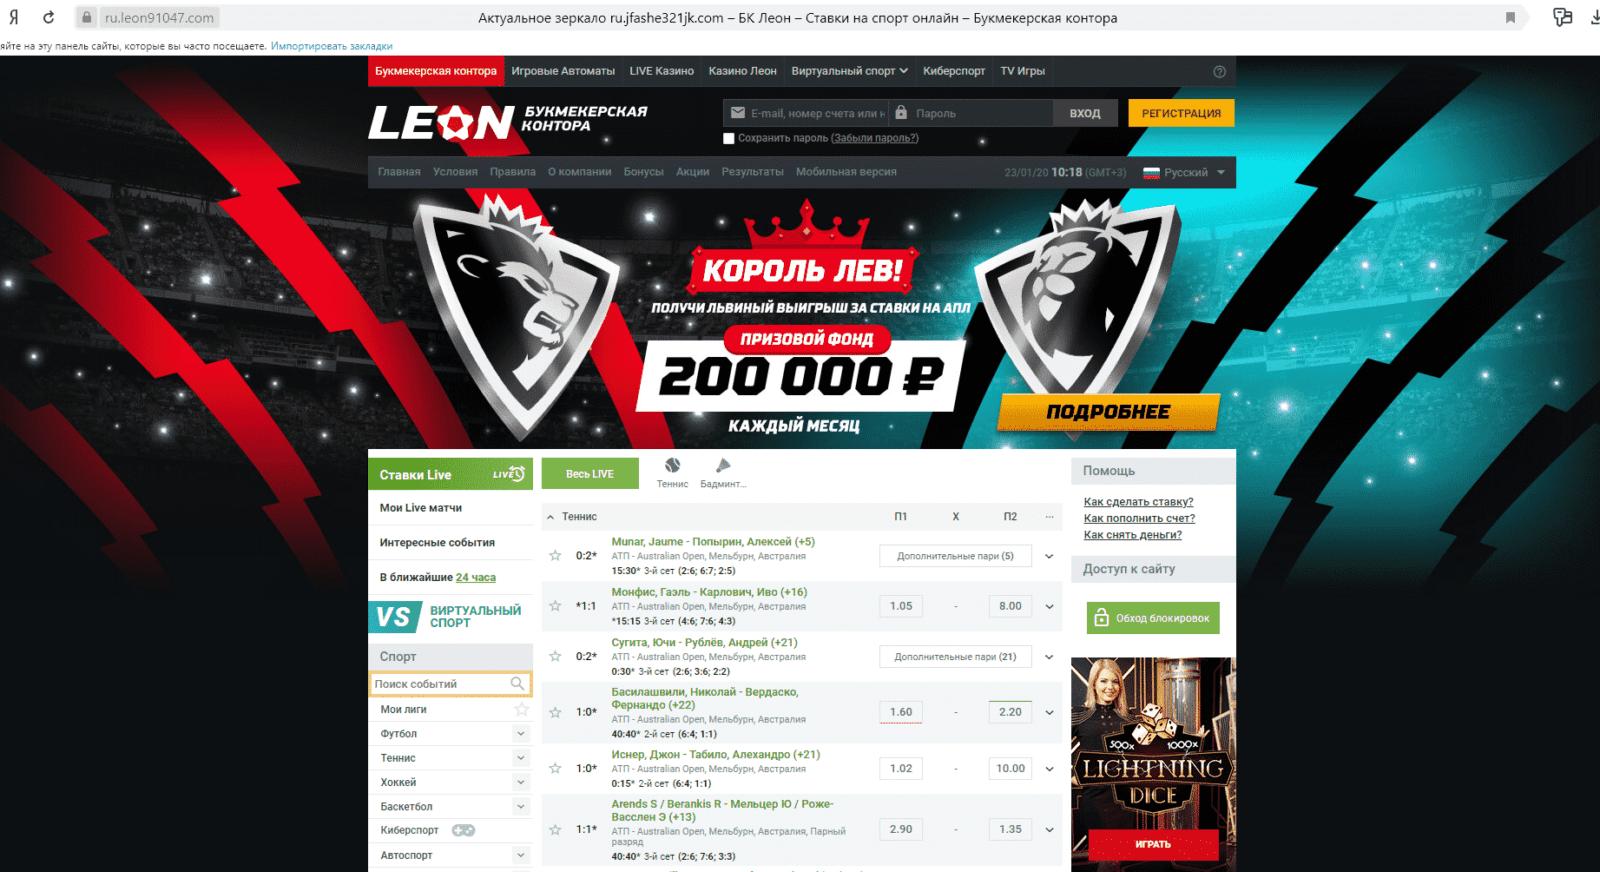 Вот так выглядит главная страница зеркала сайта leonbets.com для игроков из России